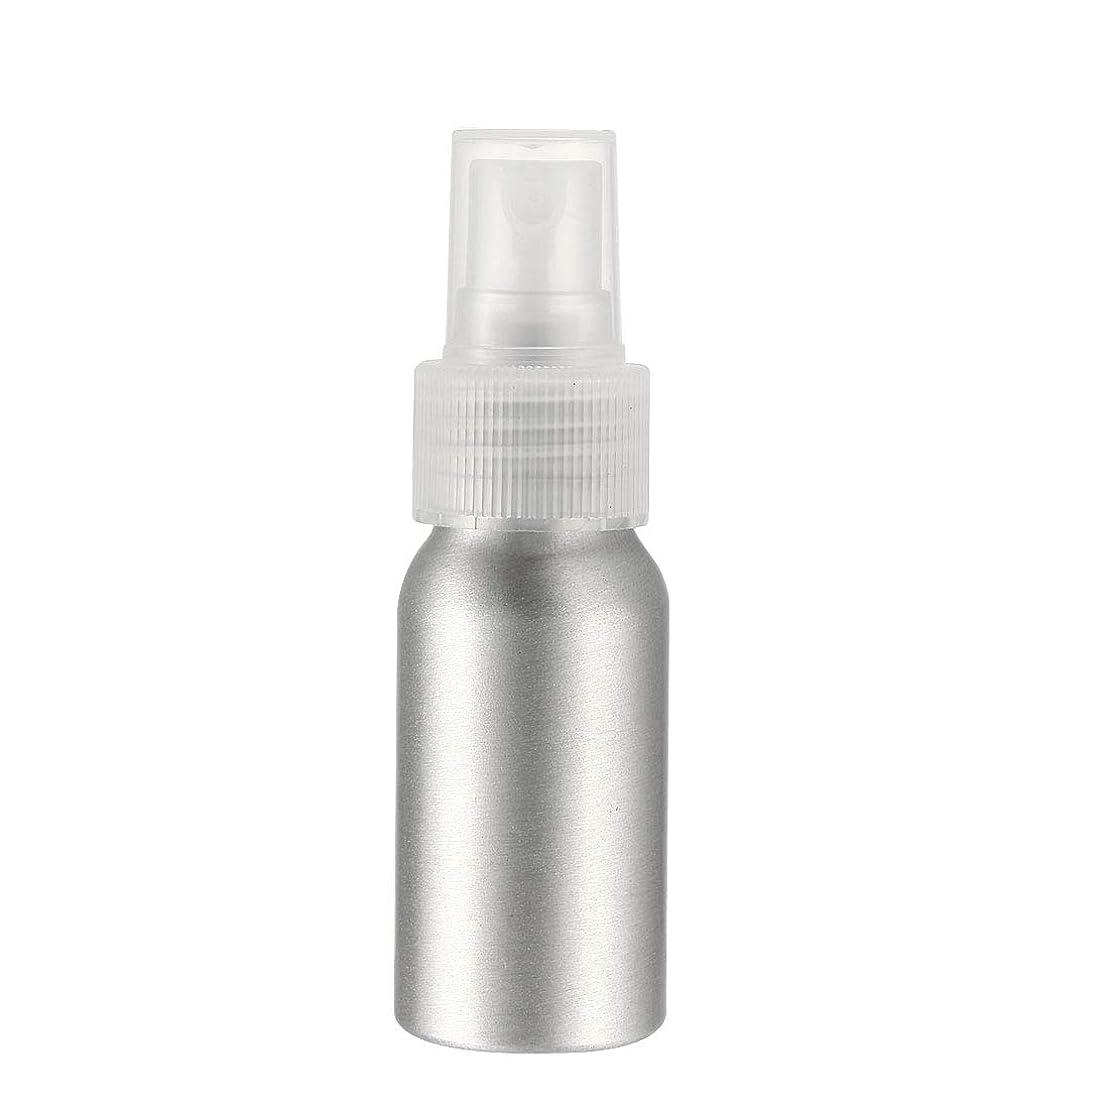 安らぎ雨のいとこuxcell uxcell アルミスプレーボトル ファインミストスプレー付き 空の詰め替え式コンテナ トラベルボトル 1oz/30ml 4個入り